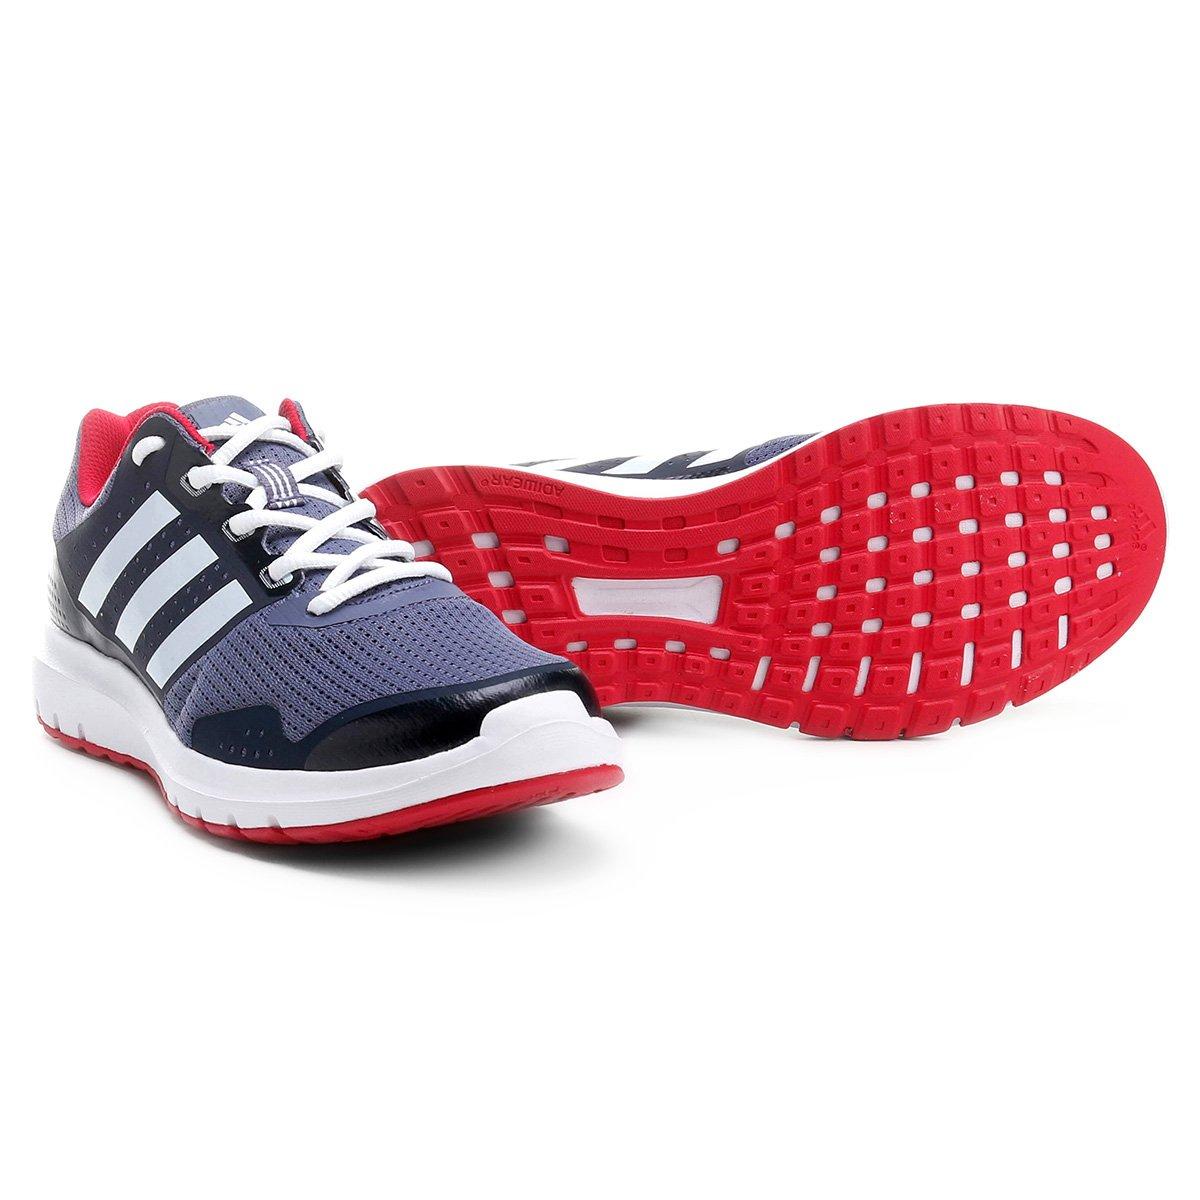 0b2d8cd6f4f Tênis Adidas Duramo 7 Feminino - Chumbo e Vermelho - Compre Agora ...